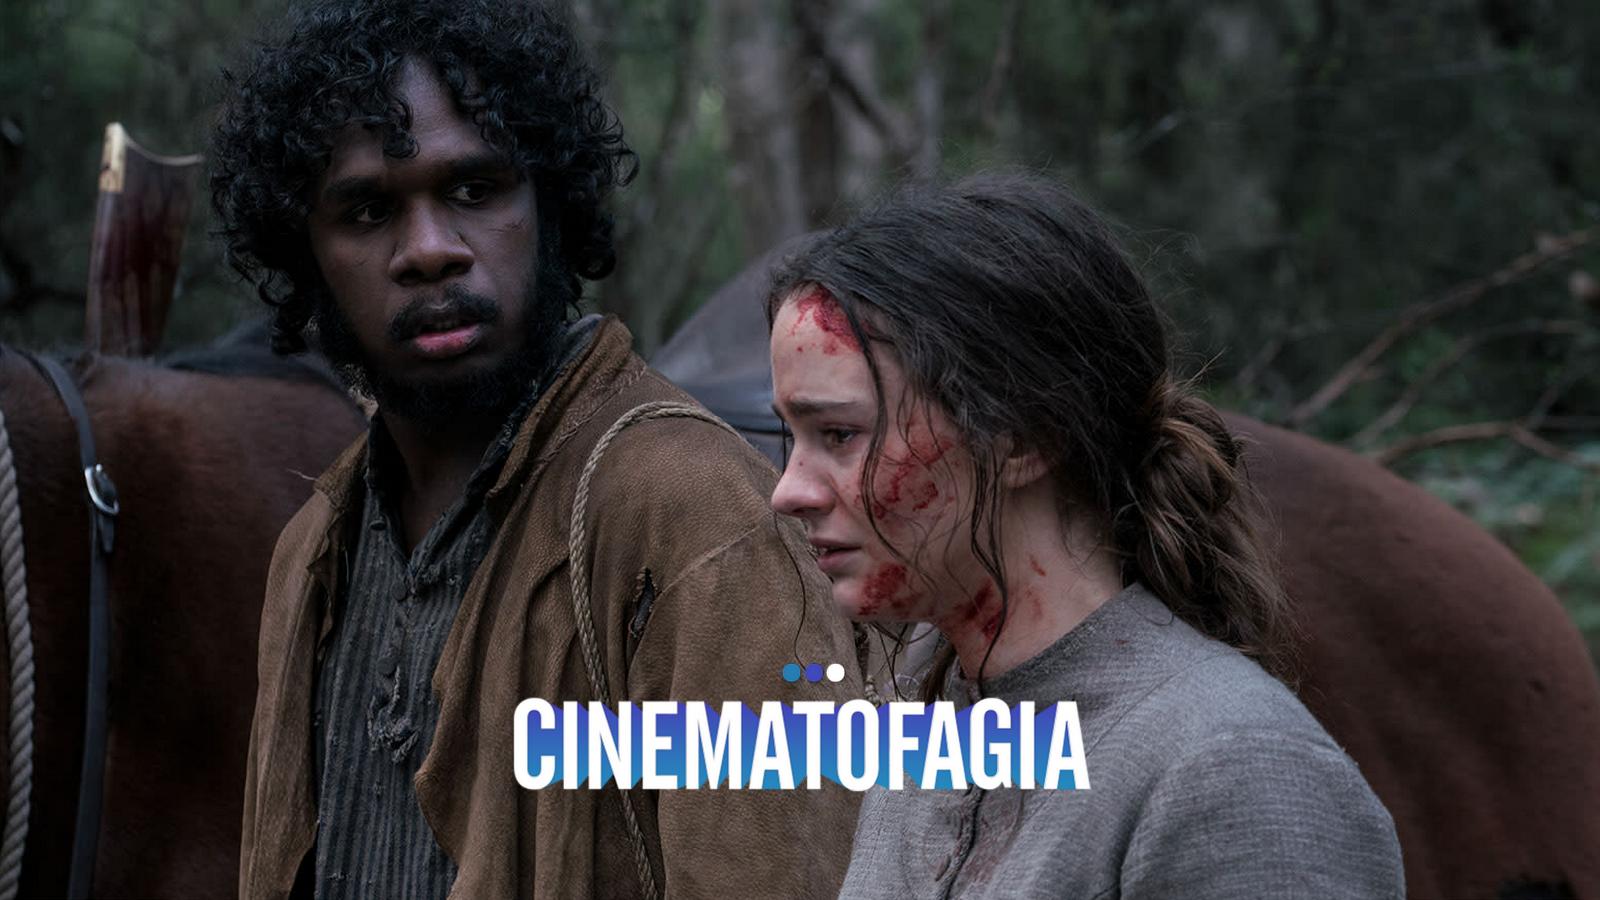 """Da mesma diretora de """"O Babadook"""", """"The Nightingale"""" coloca uma fatia histórica deprimente como propulsor de sua heroína branca"""